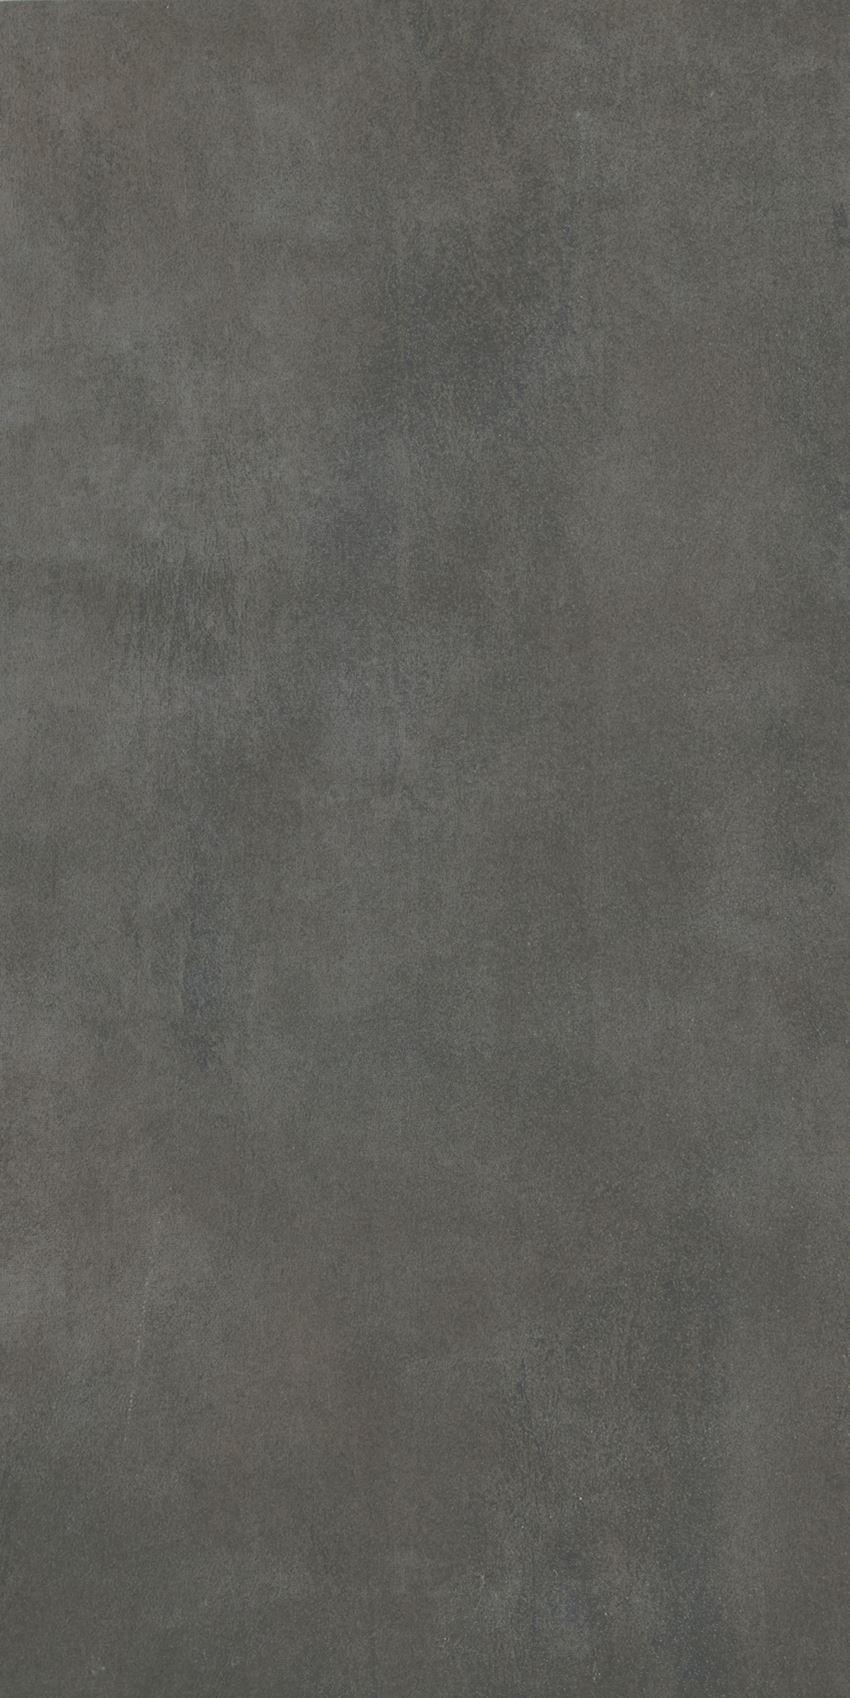 Płytka uniwersalna 29,8x59,8 cm Paradyż Tecniq Nero Gres Szkl. Rekt. Półpoler